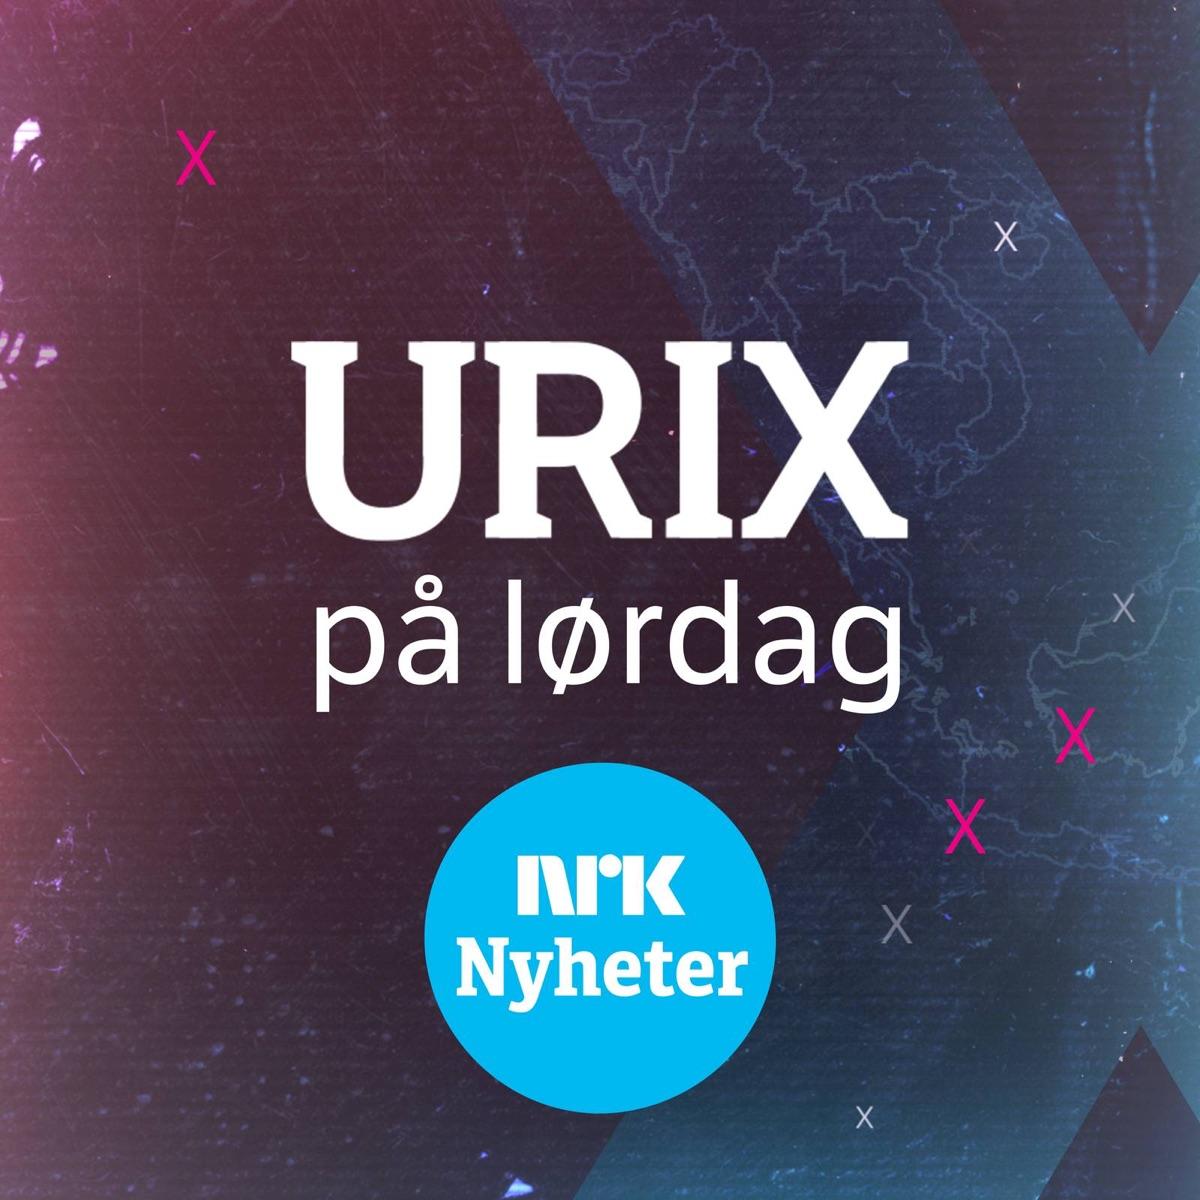 15.05.21 Urix på lørdag